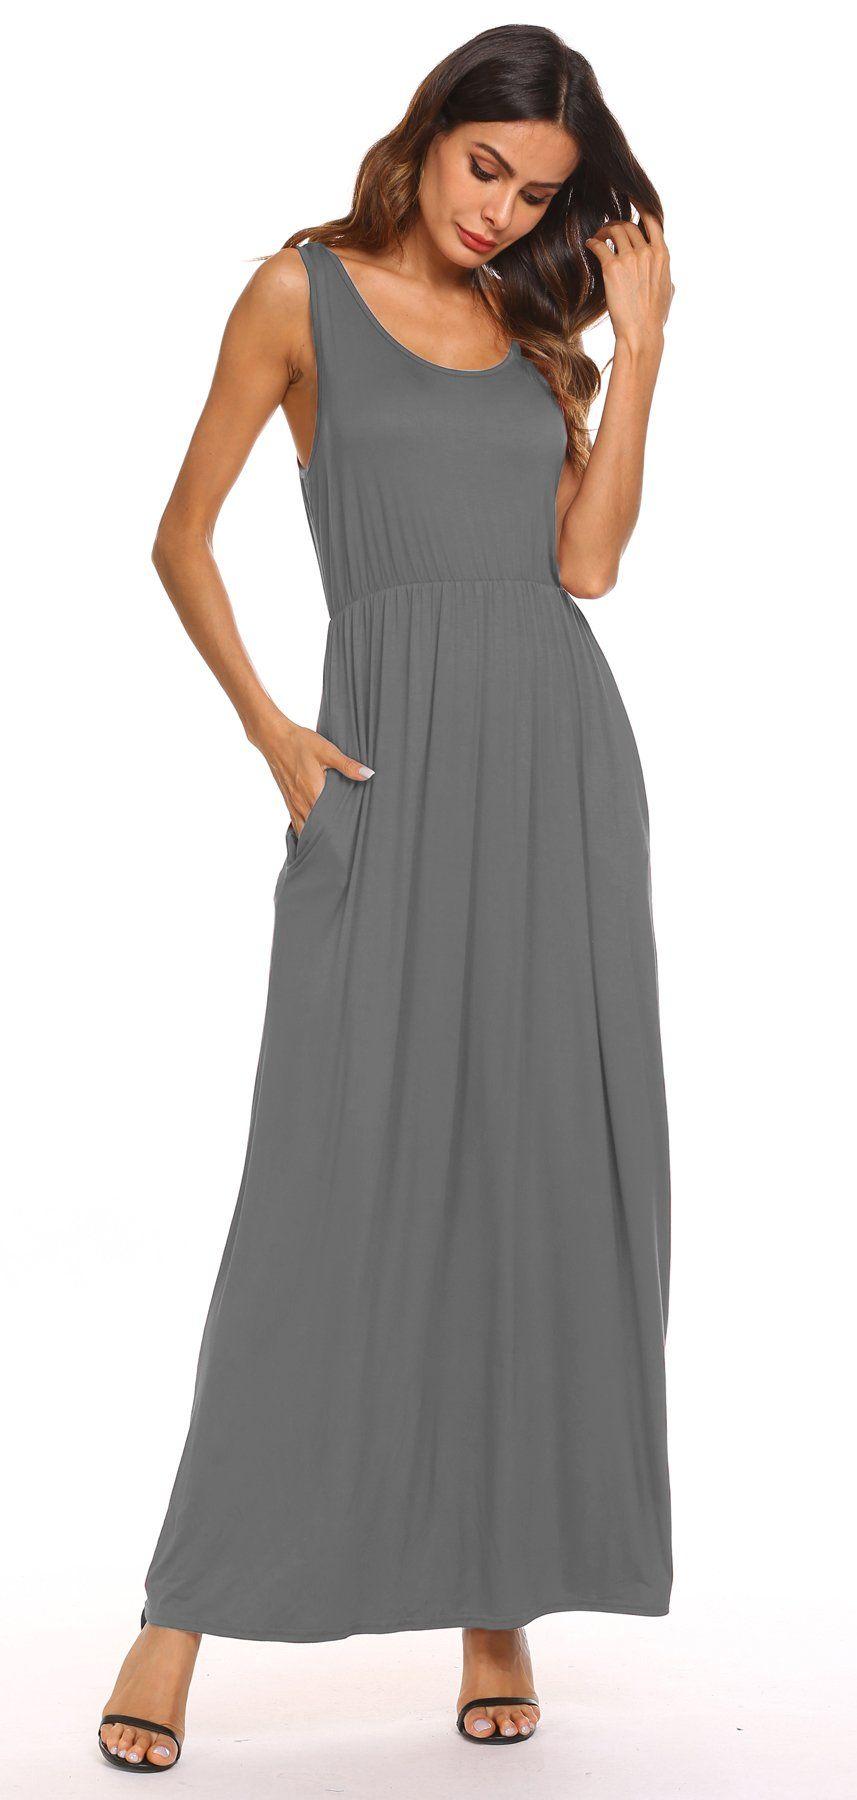 Flowy Plus Size Maternity Dress